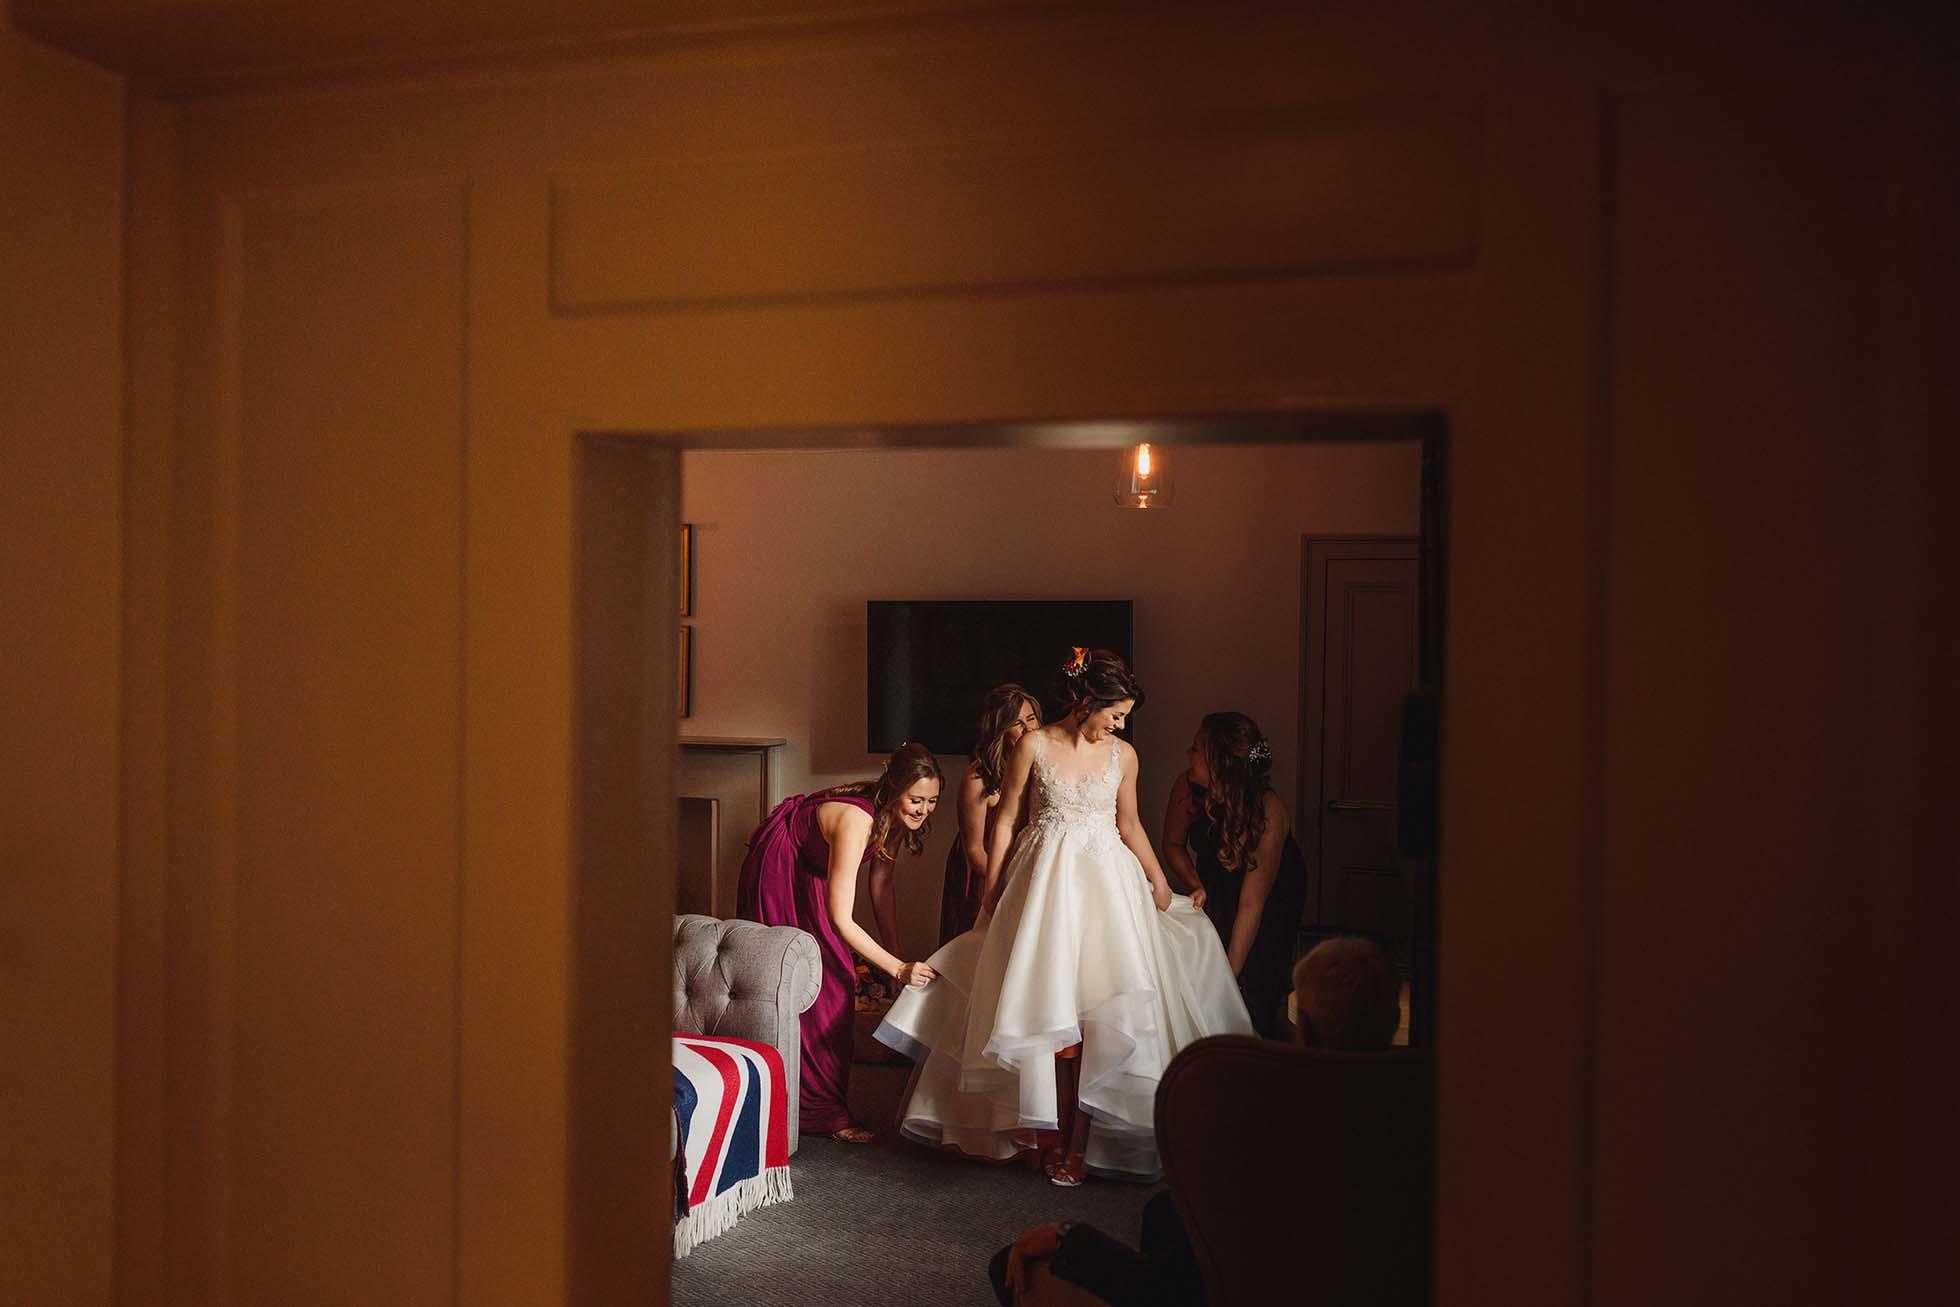 getting ready wedding dress